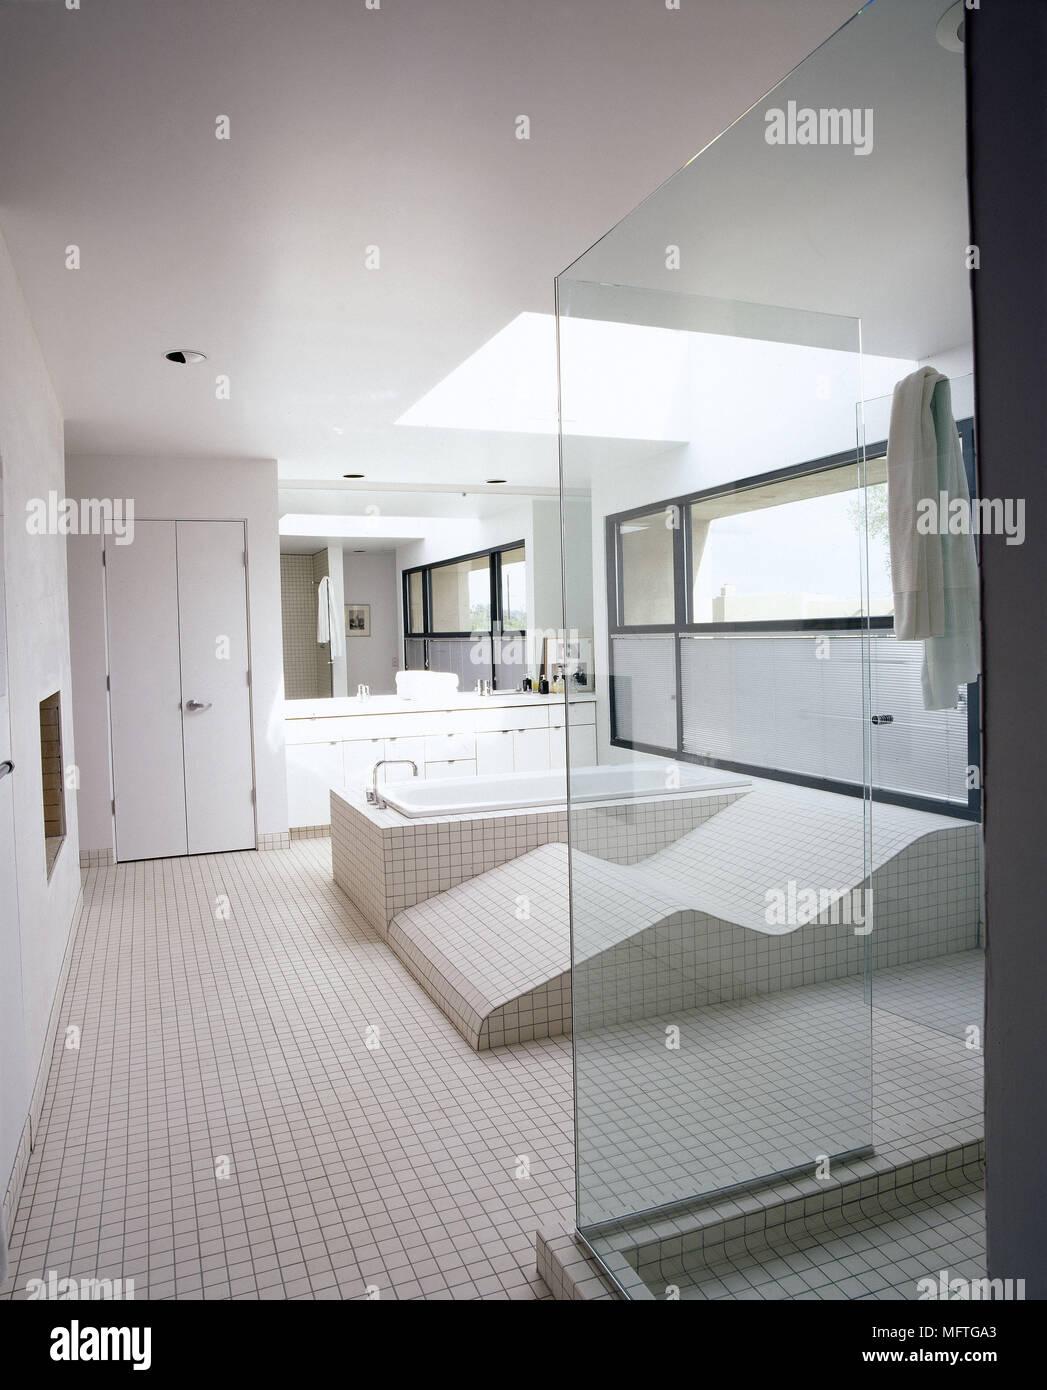 Salle De Bains Minimaliste Moderne Carrelage Mosaique Neutre Cabine